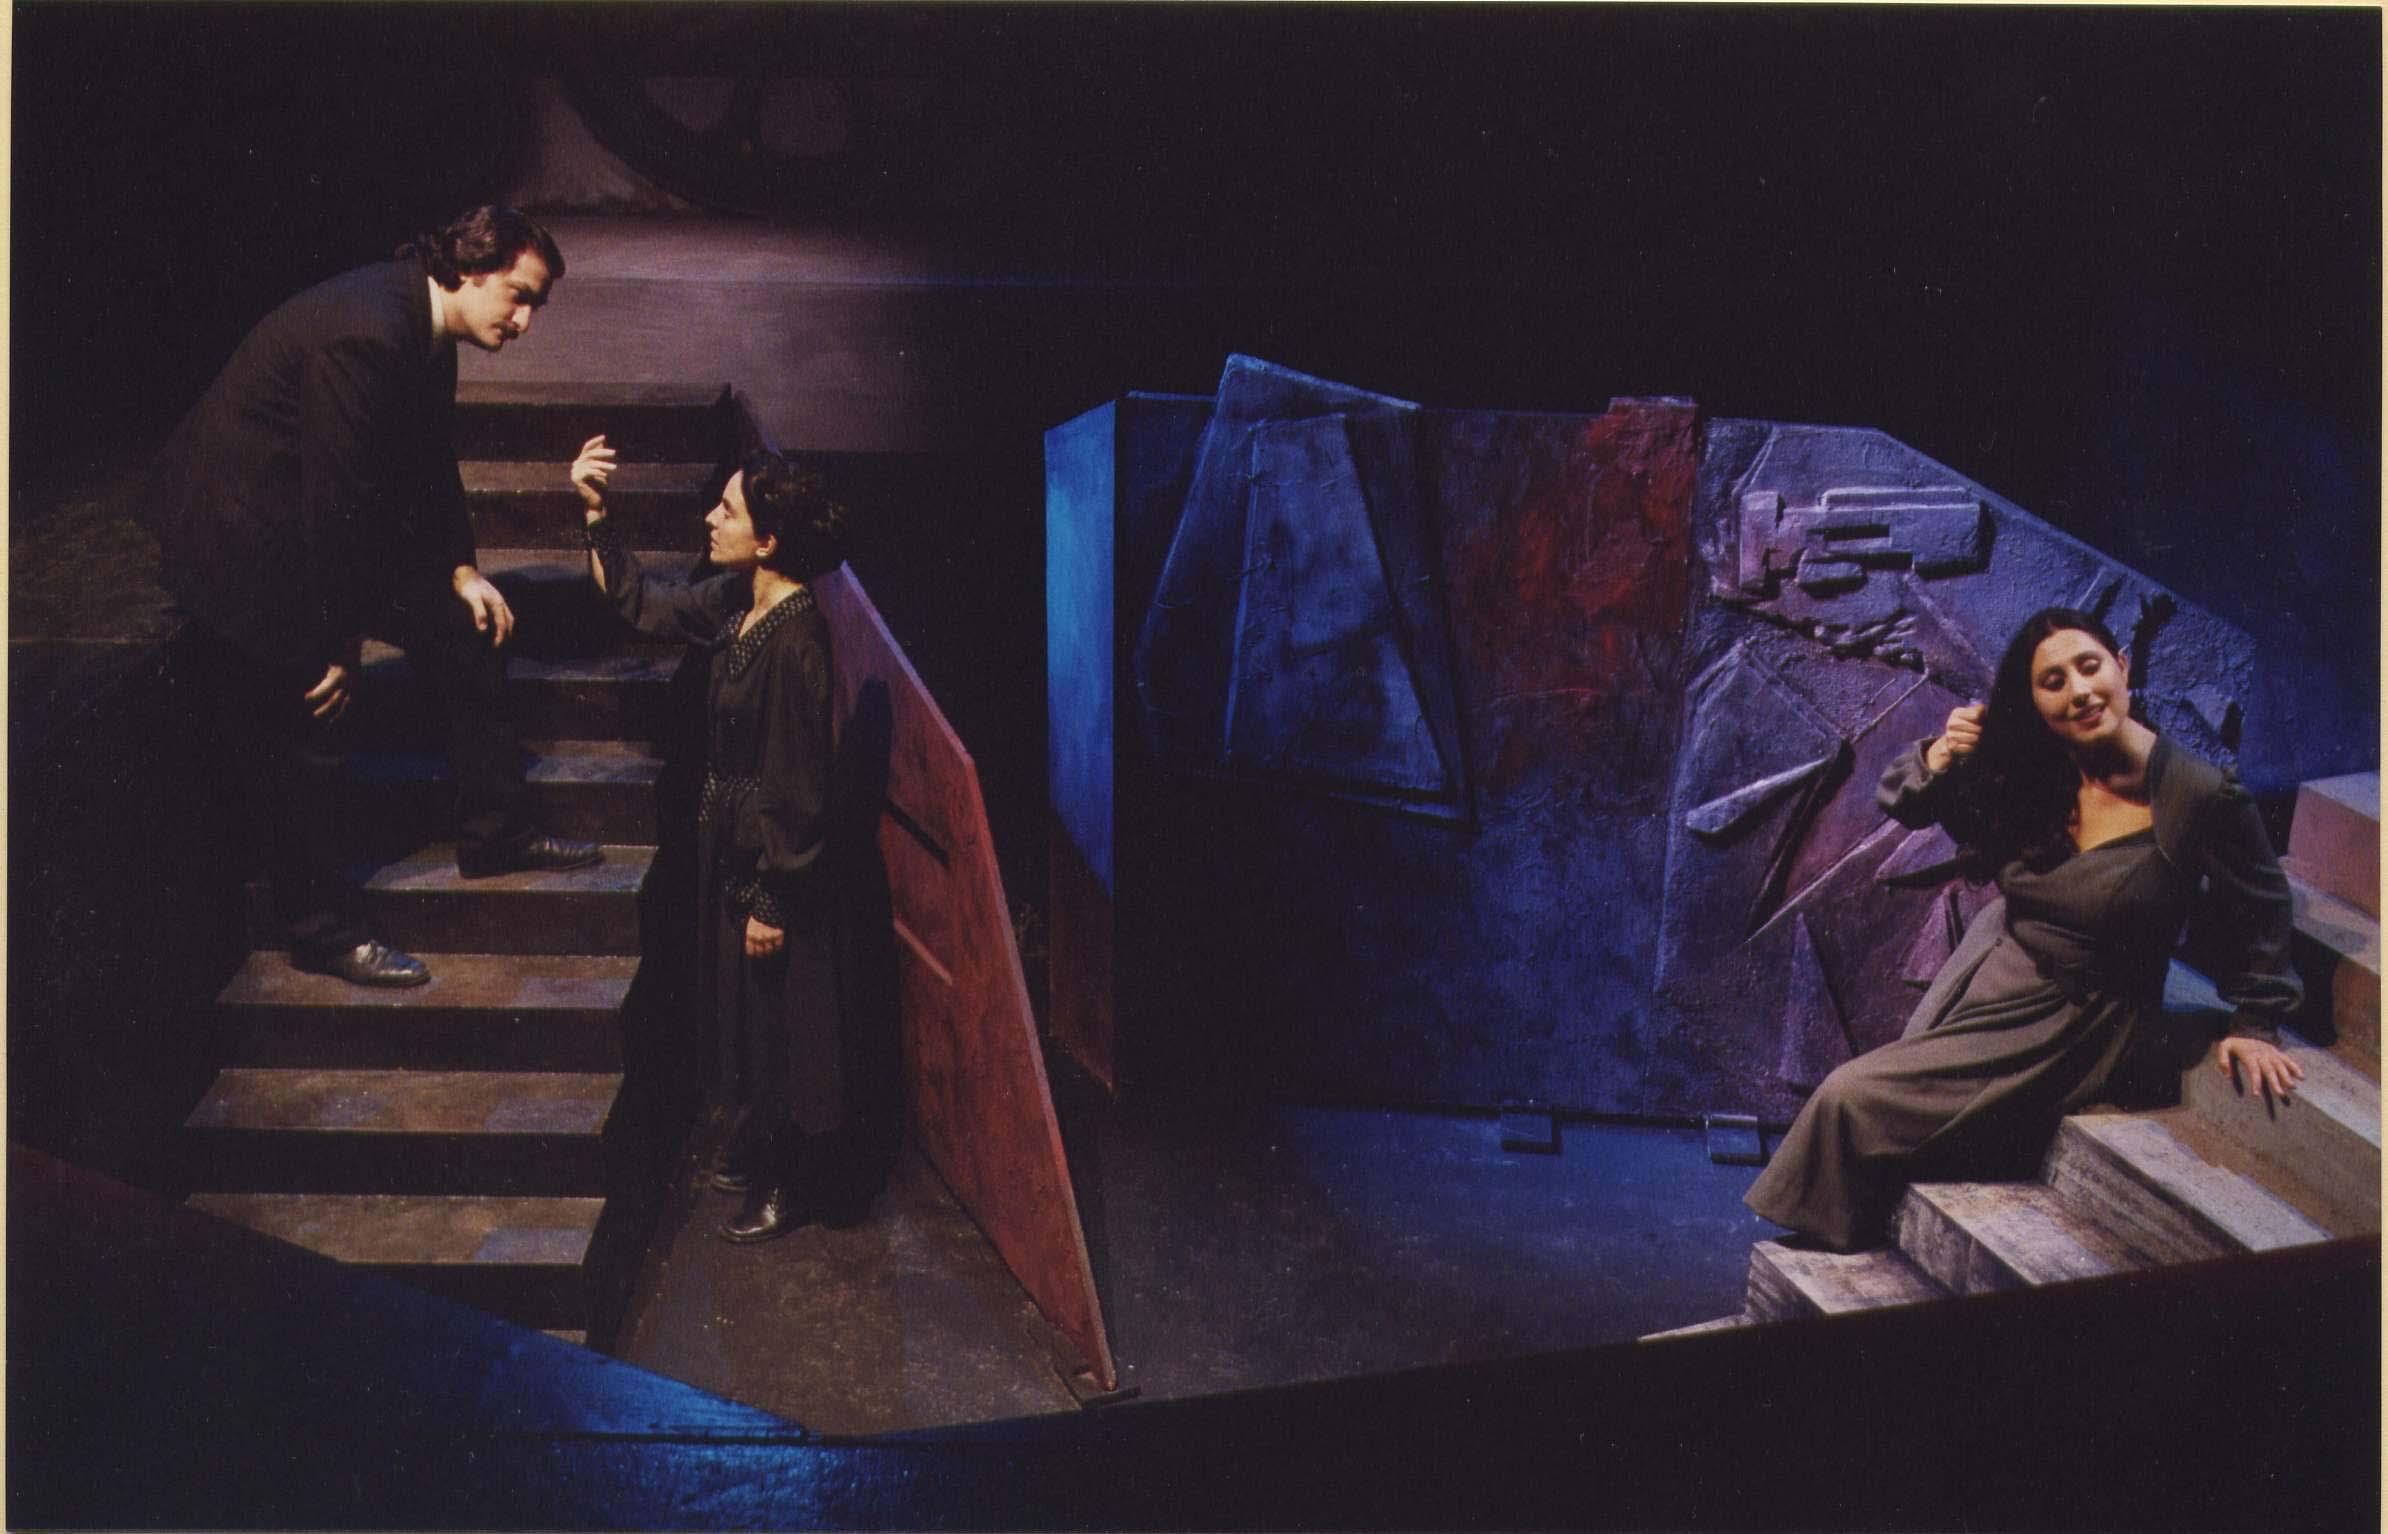 Fig. 2 Conversazione in Sicilia, regia di Gianni Salvo (2001)